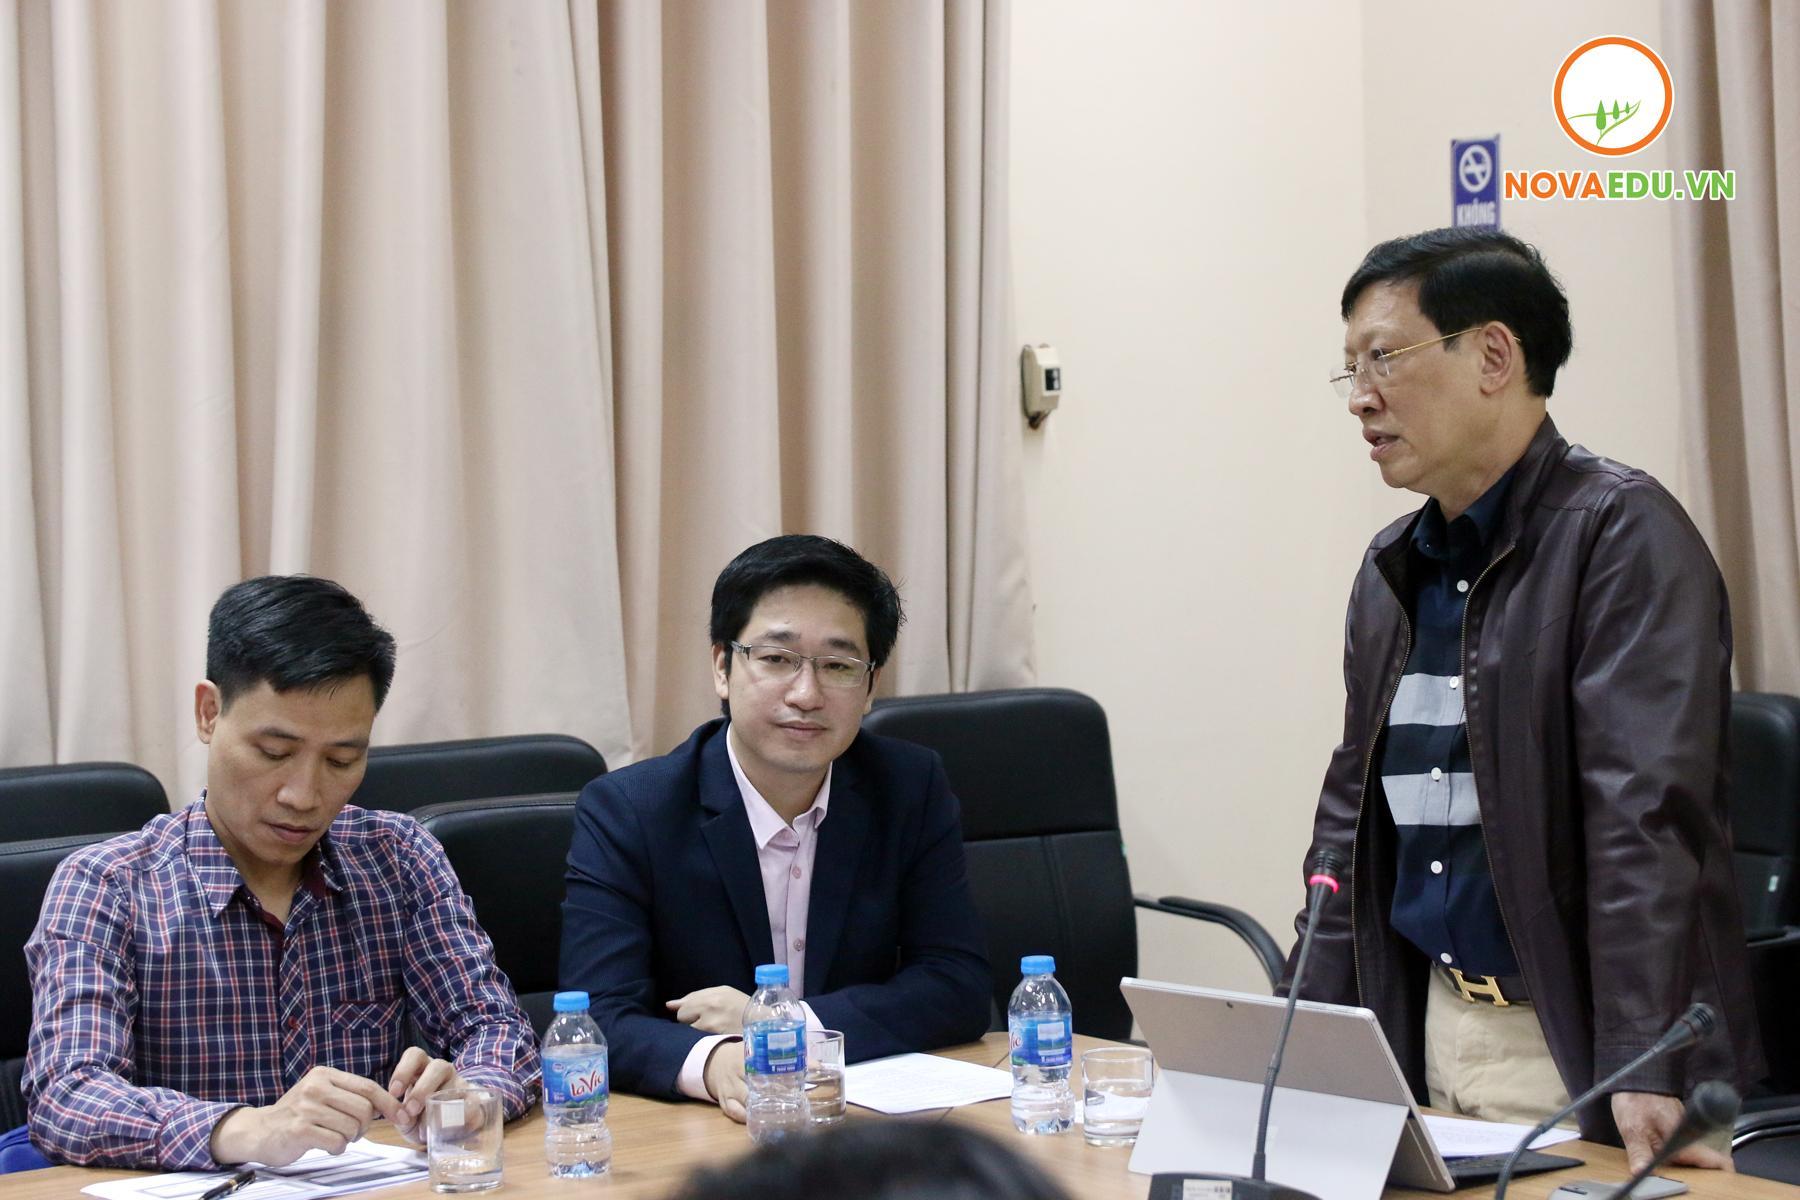 PGS.TS Đào Đăng Phượng - Bí thư Đảng Uỷ, Hiệu trưởng trường ĐH Sư phạm Nghệ Thuật TW phát biểu trước hội nghị